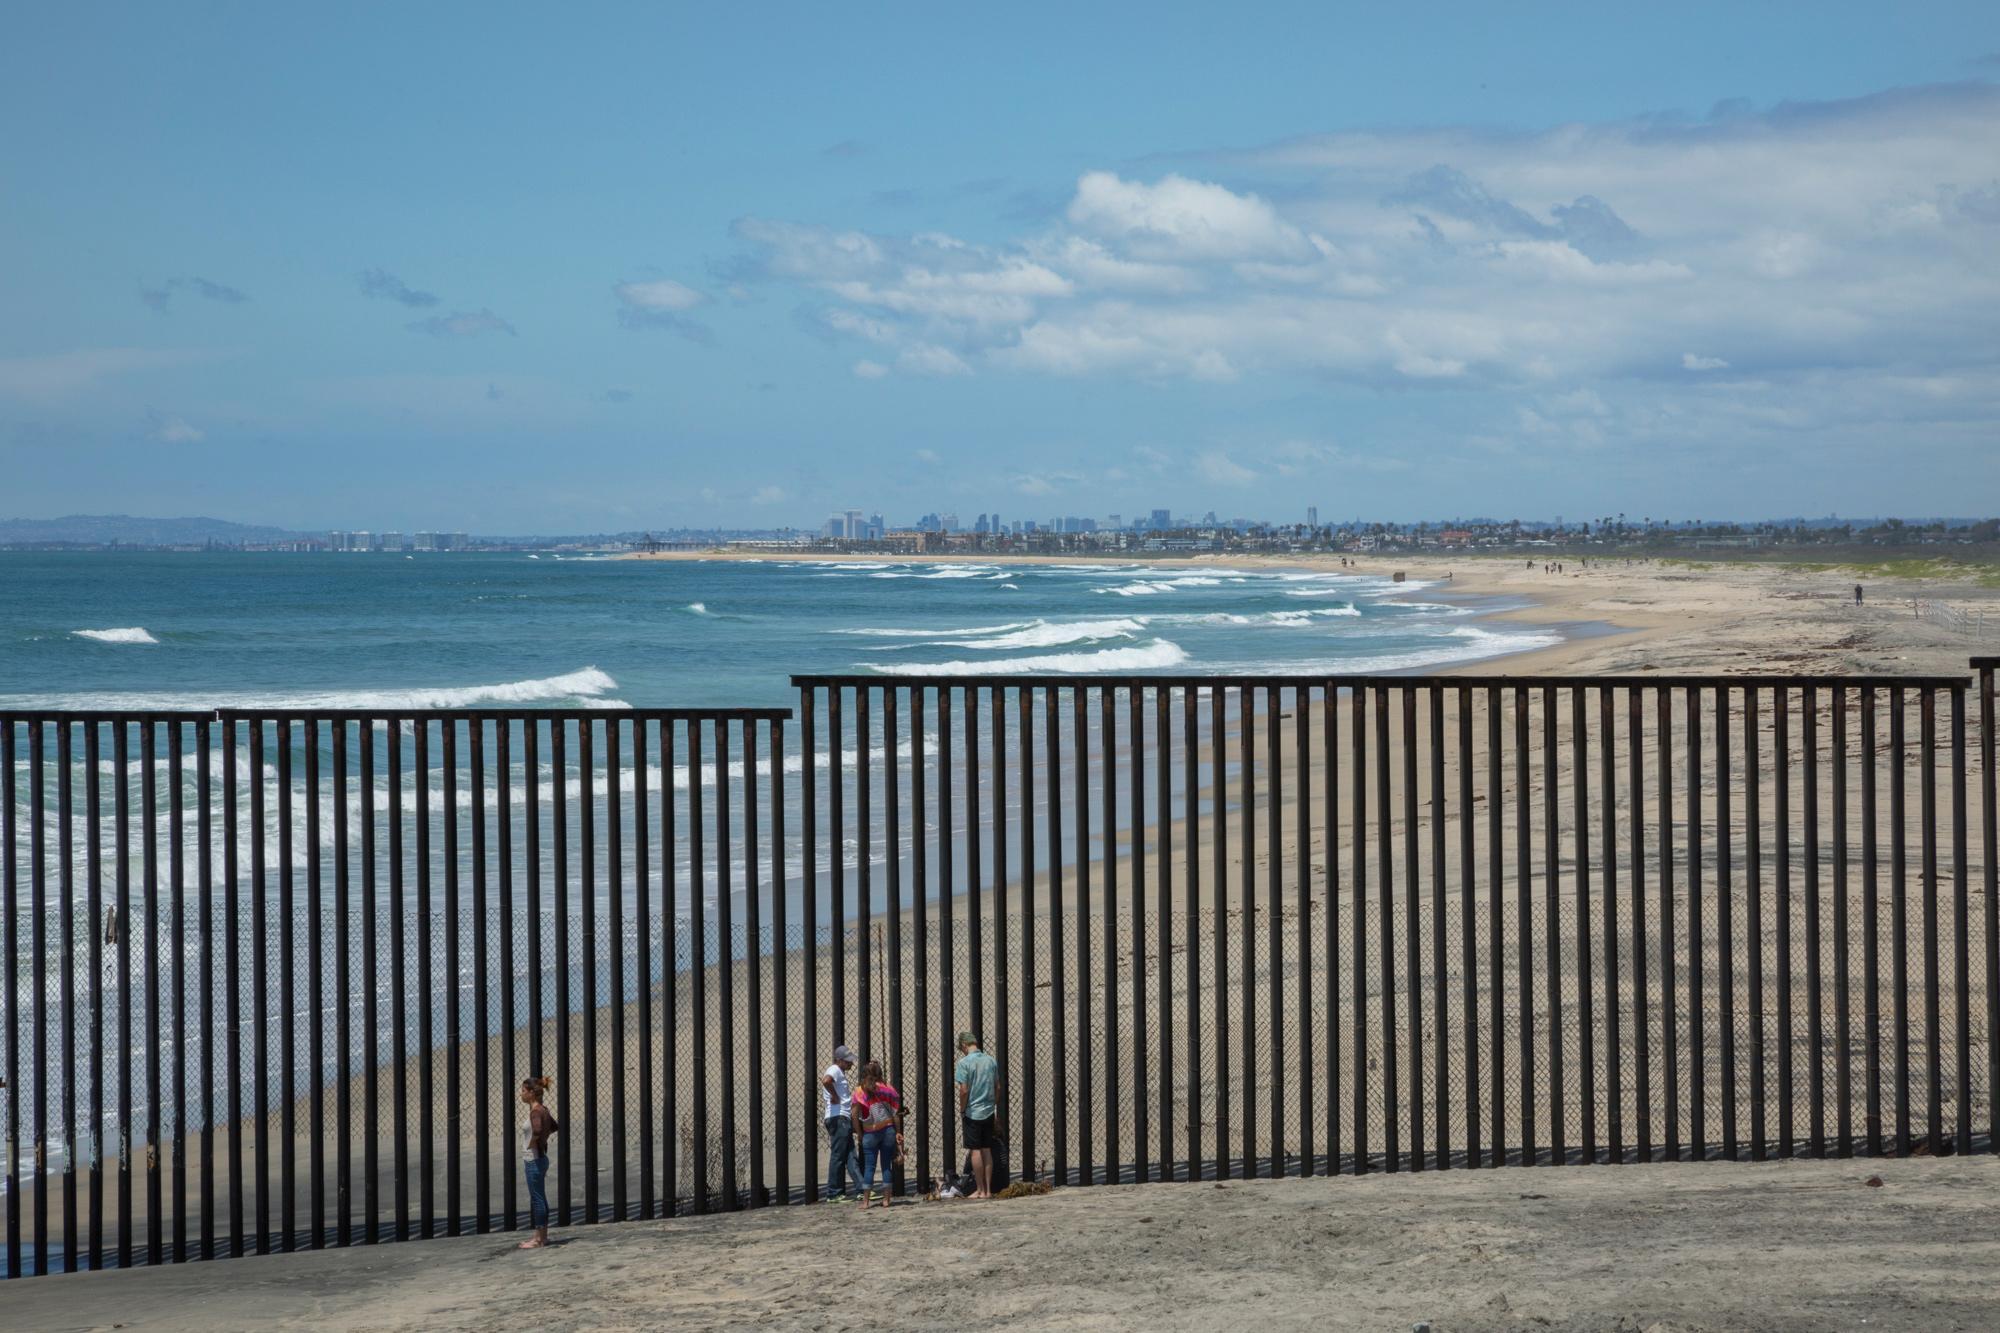 Así se ve la ciudad estadounidense de San Diego desde Tijuana, en México